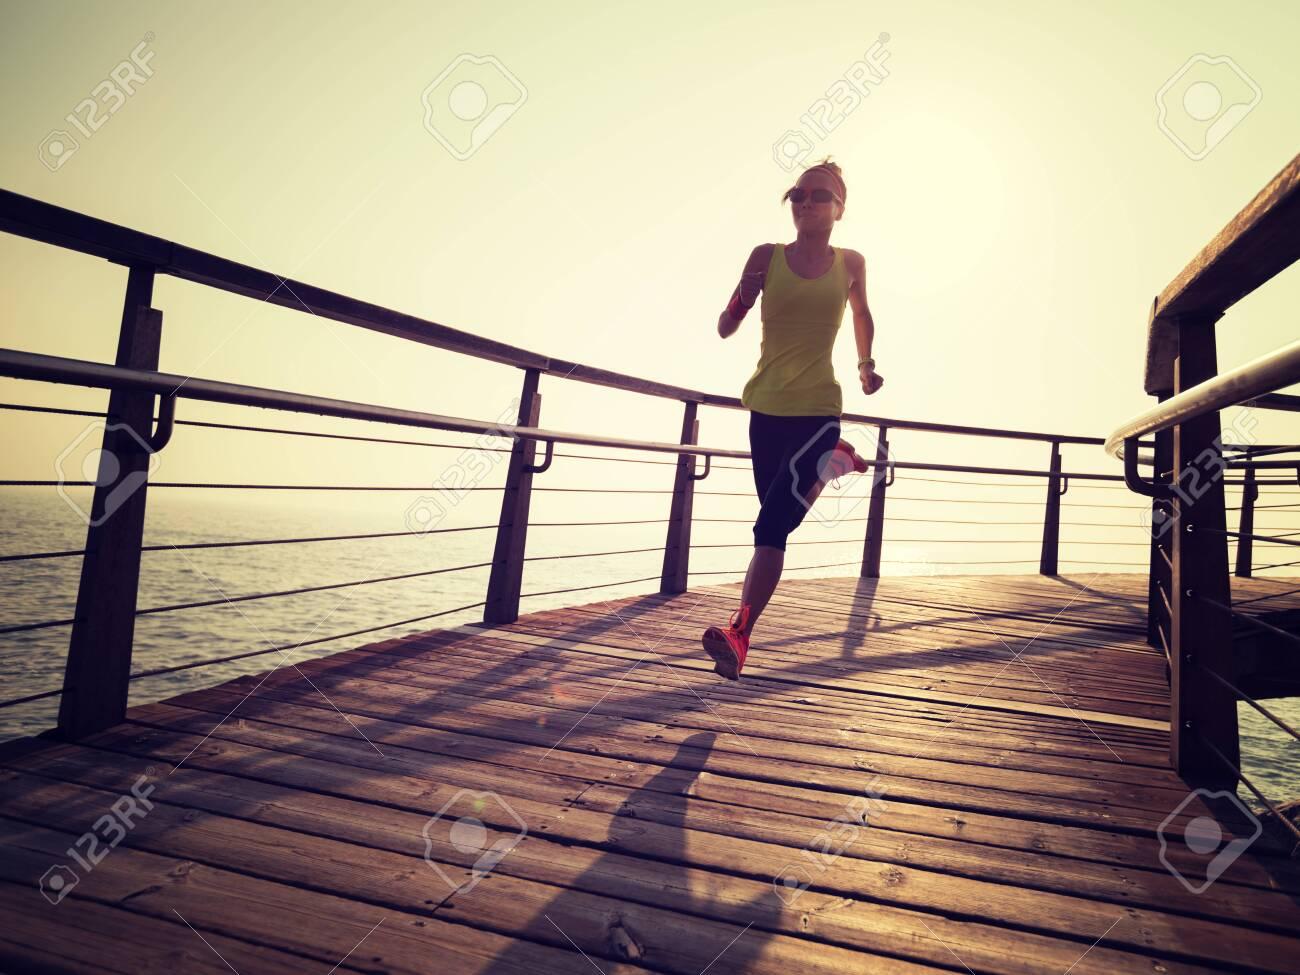 sporty fitness female runner running on seaside boardwalk during sunrise - 120462062